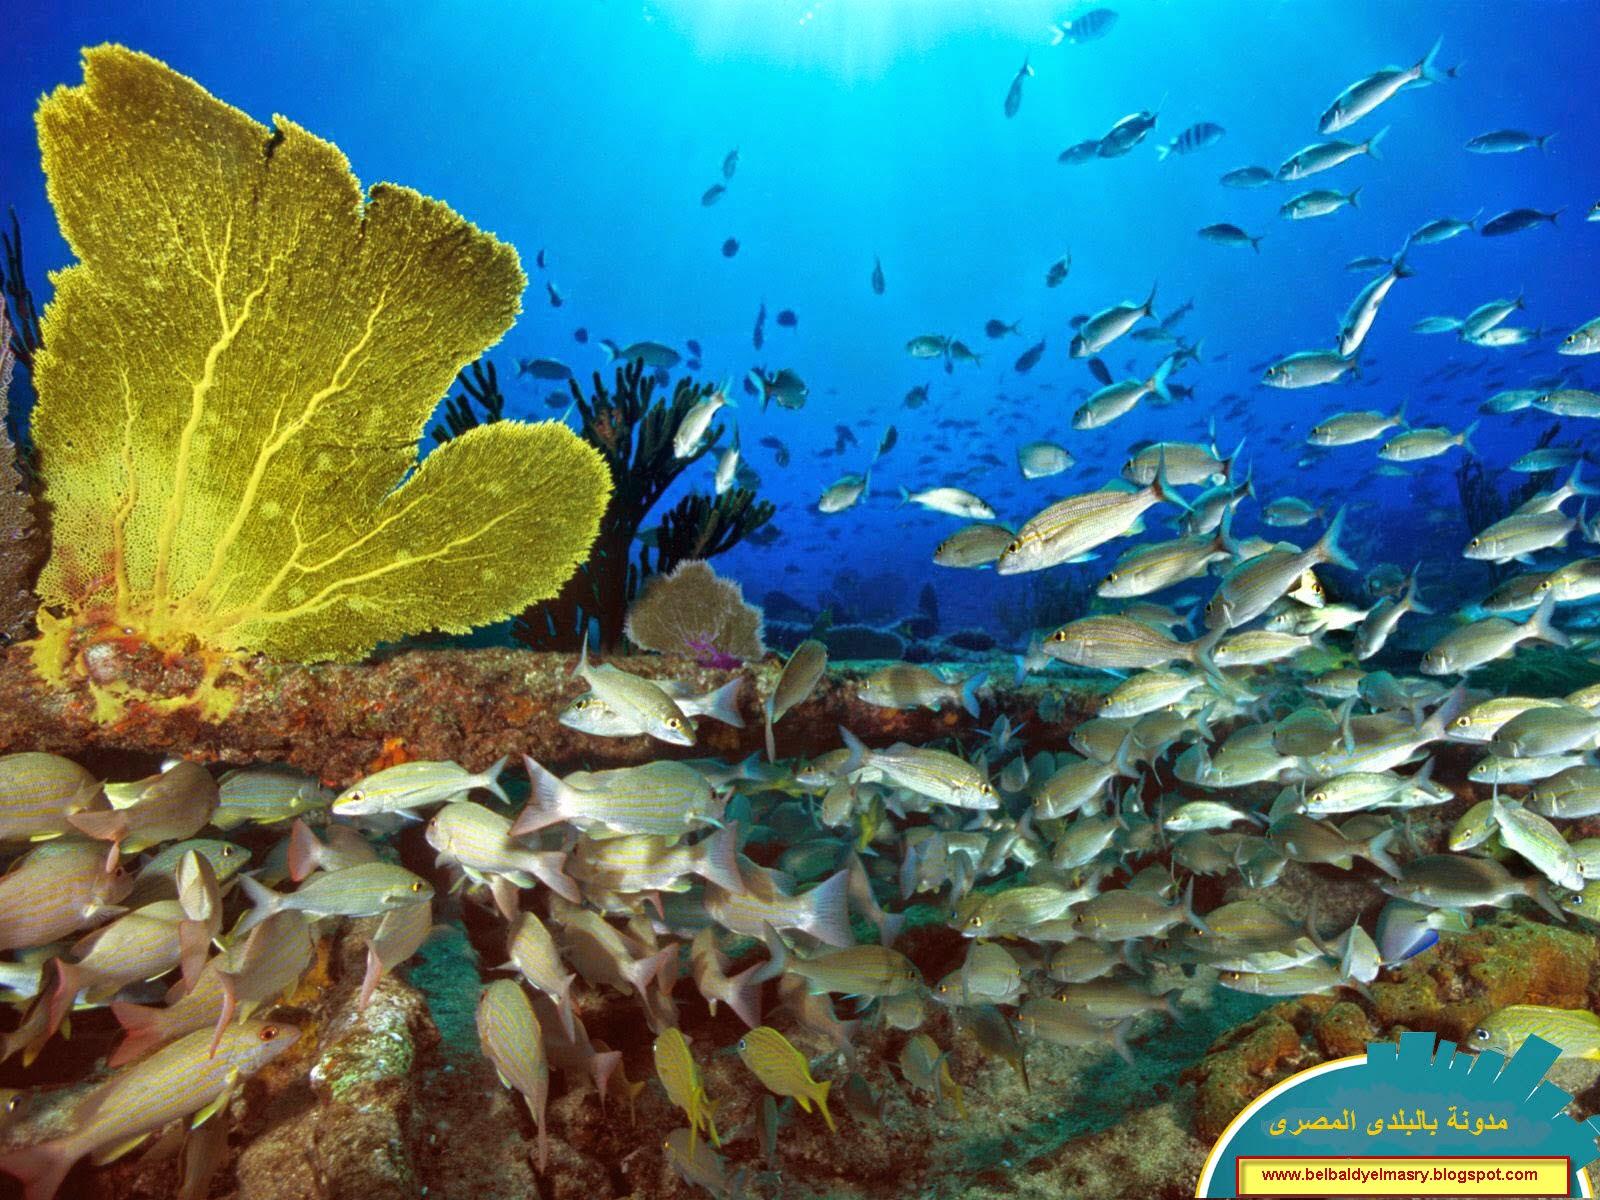 حمل وشاهد 30 خلفيه جديده لسطح المكتب لاجمل الاسماك والكائنات البحريه بحجم 25 ميجا بايت بتاريخ 8.10.2014